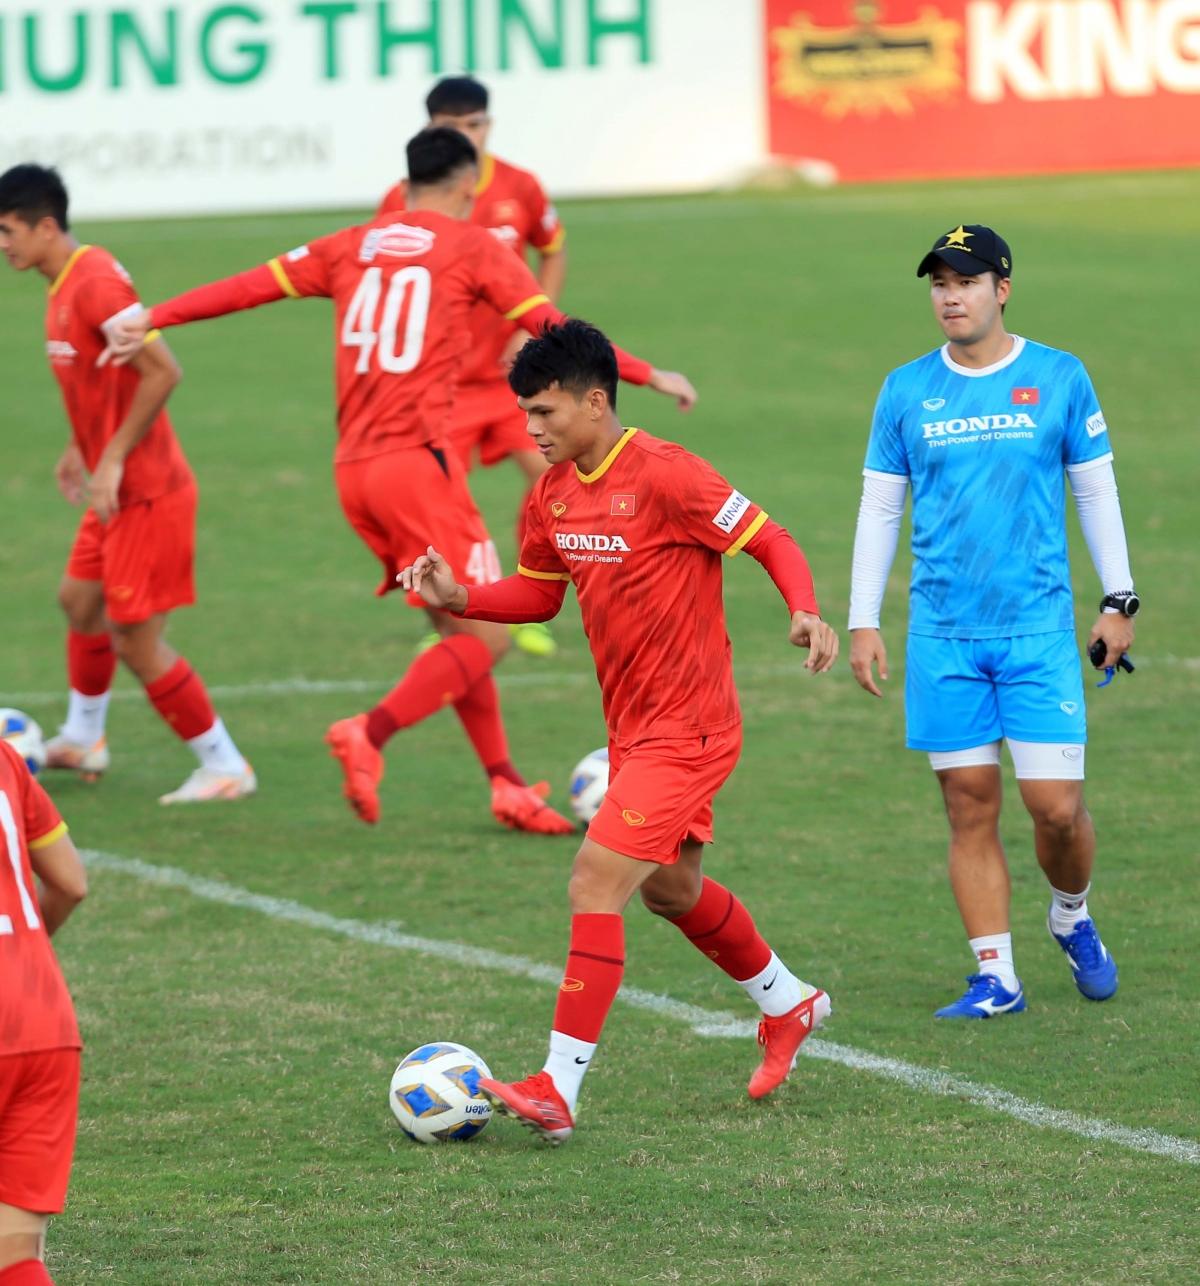 Cầu thủ của SLNAcho thấy sự hòa nhập tốt với các đồng đội dù vừa trải qua một thời gian không lên tuyển.